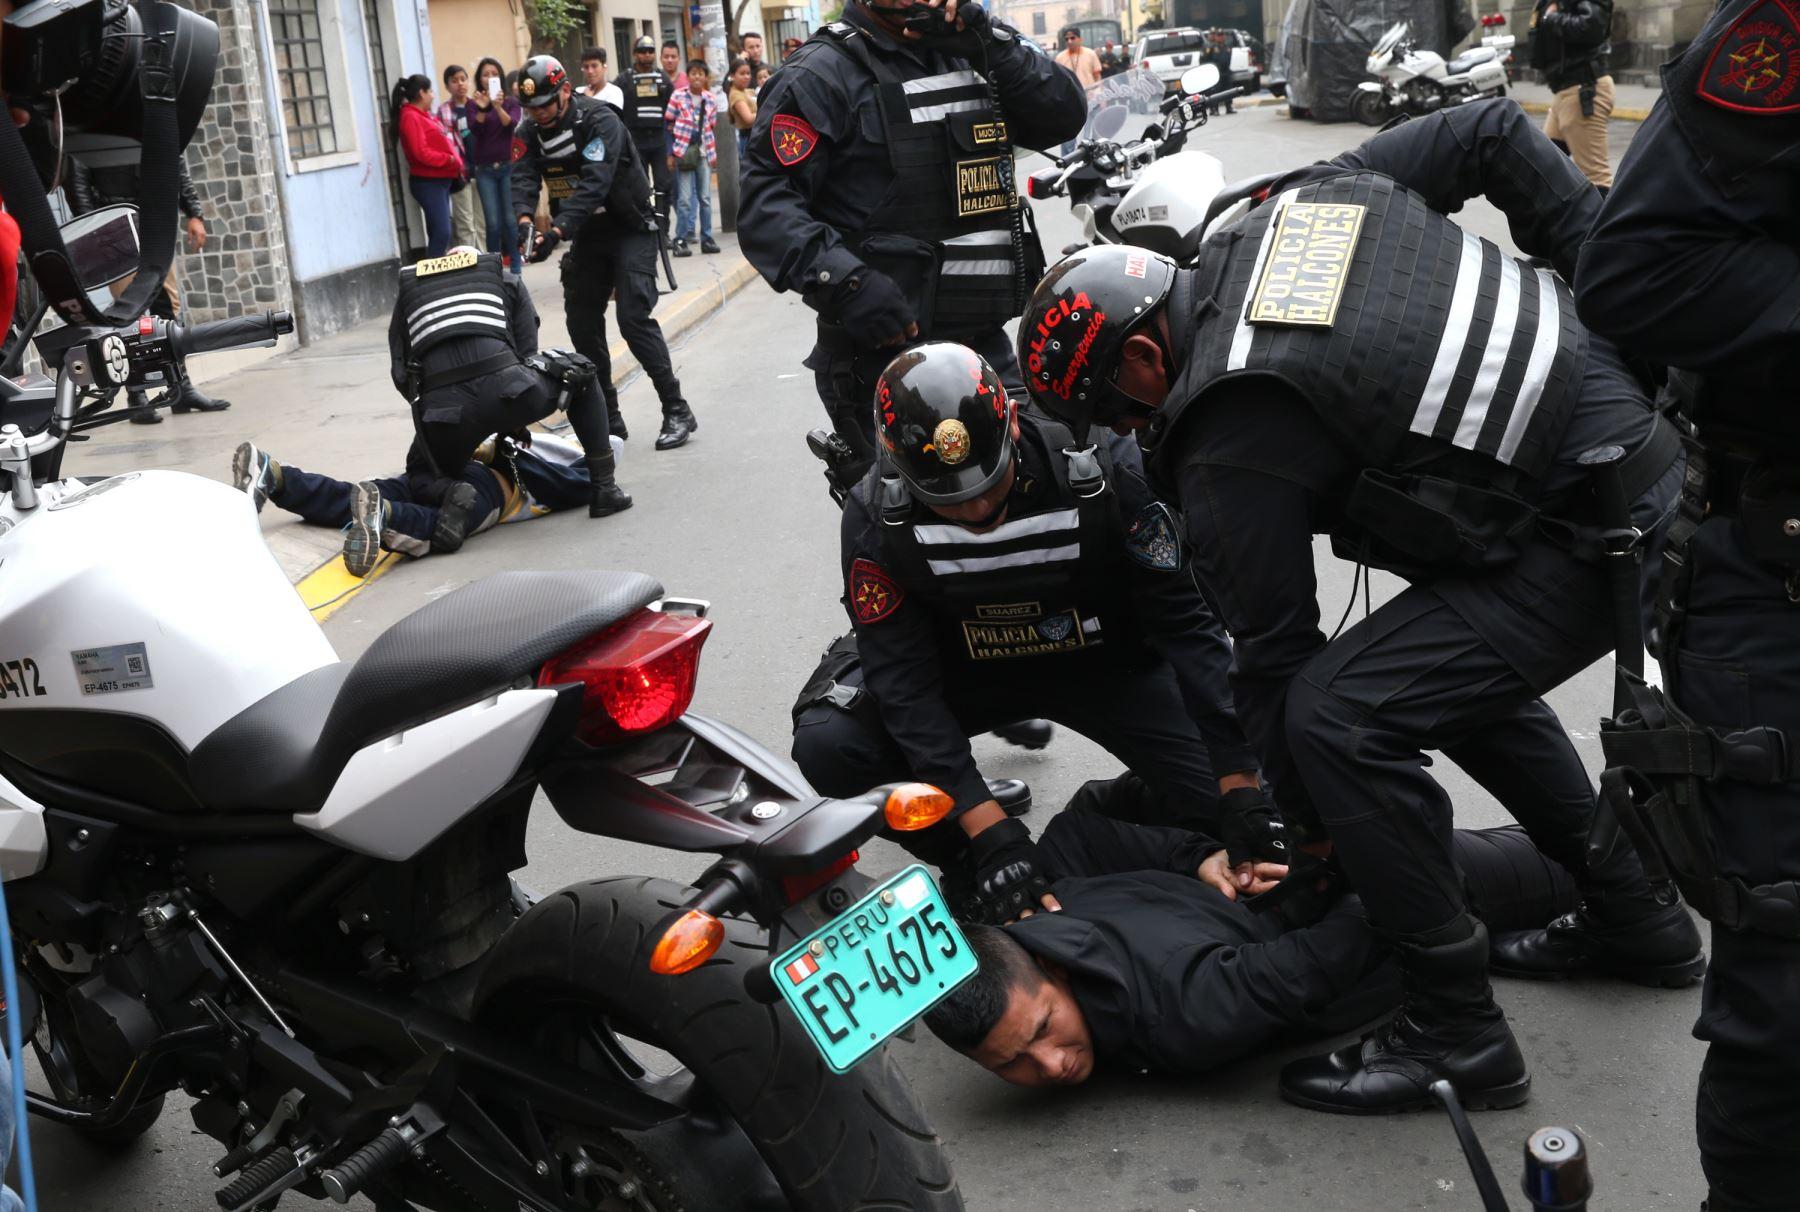 Seguridad Ciudadana: Ejecutivo debe impedir aprobación de ley que protege policías y viola normas constitucionales